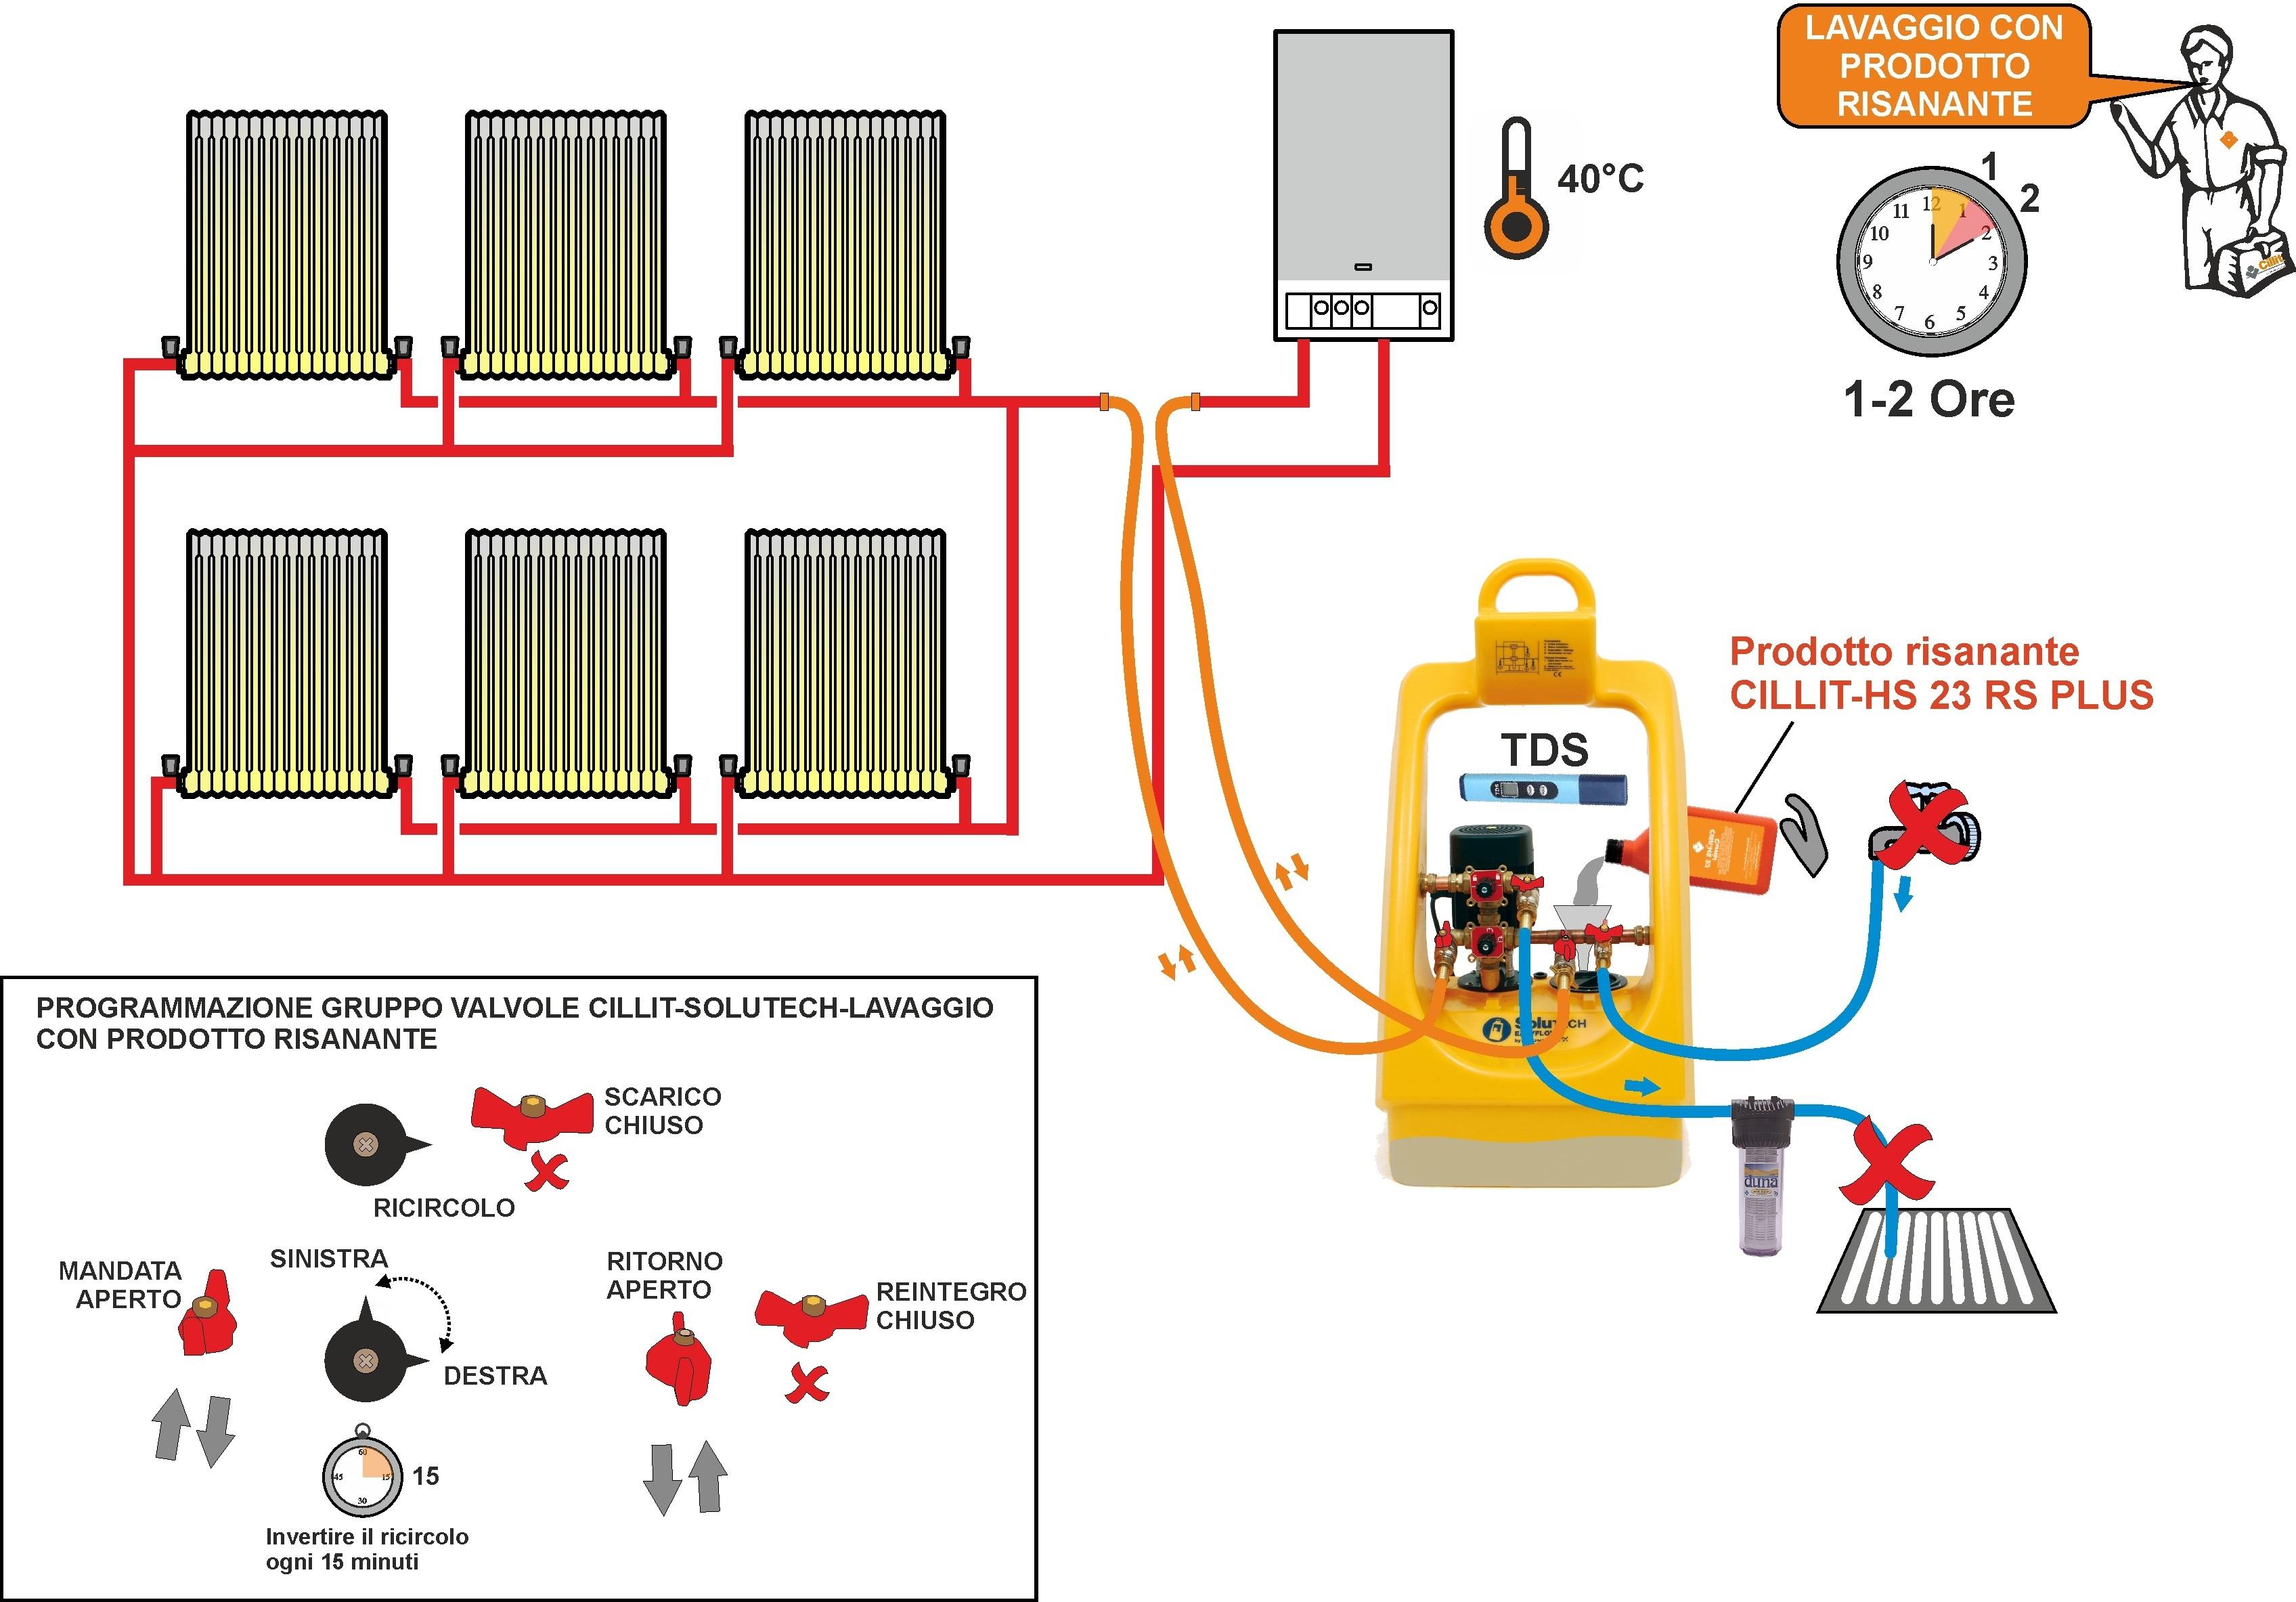 Prodotto risanante per impianti gt il giornale del for Pex sistema di riscaldamento ad acqua calda